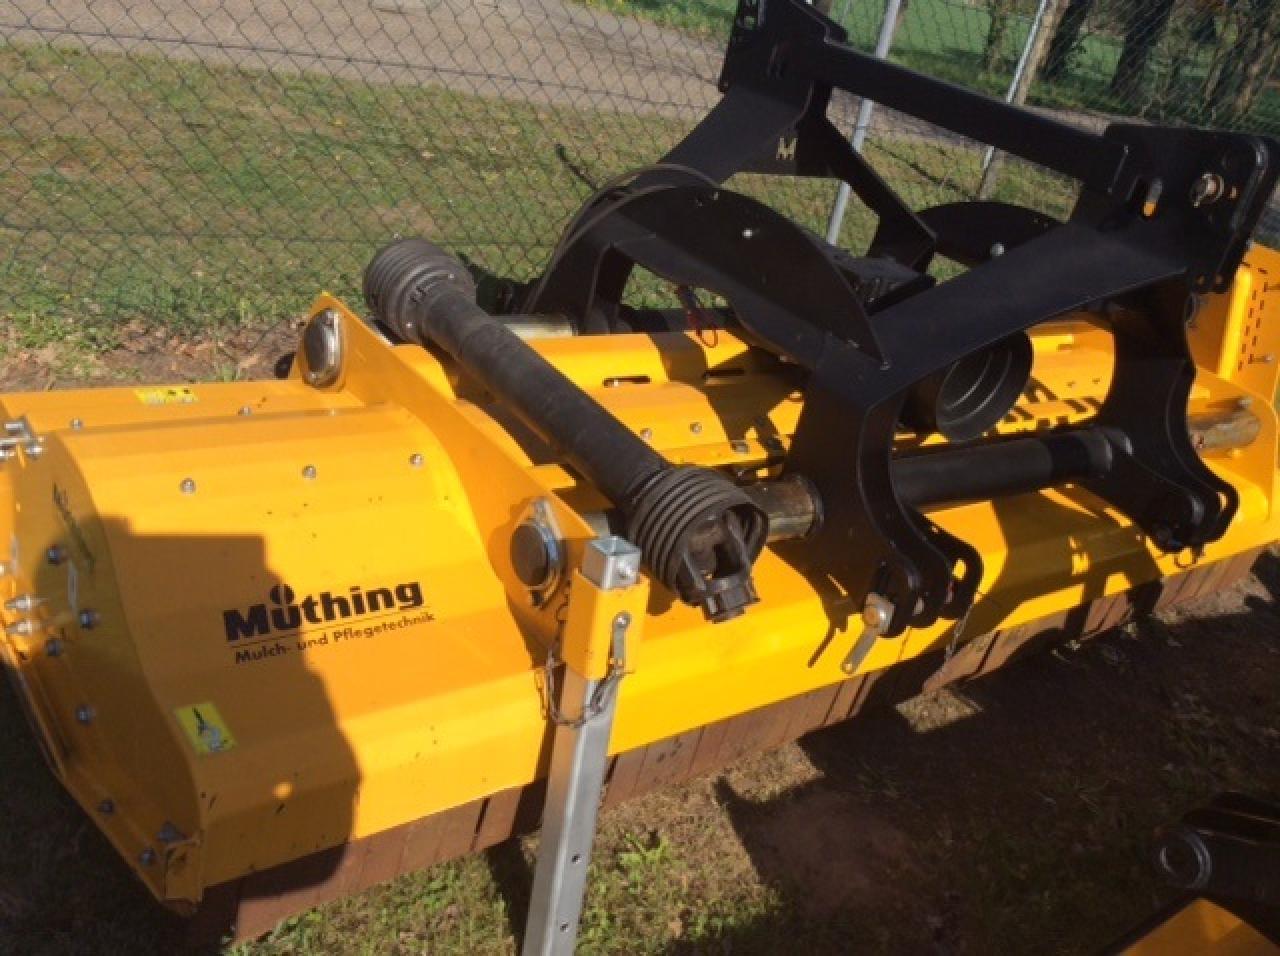 Müthing  MU 300 Pro